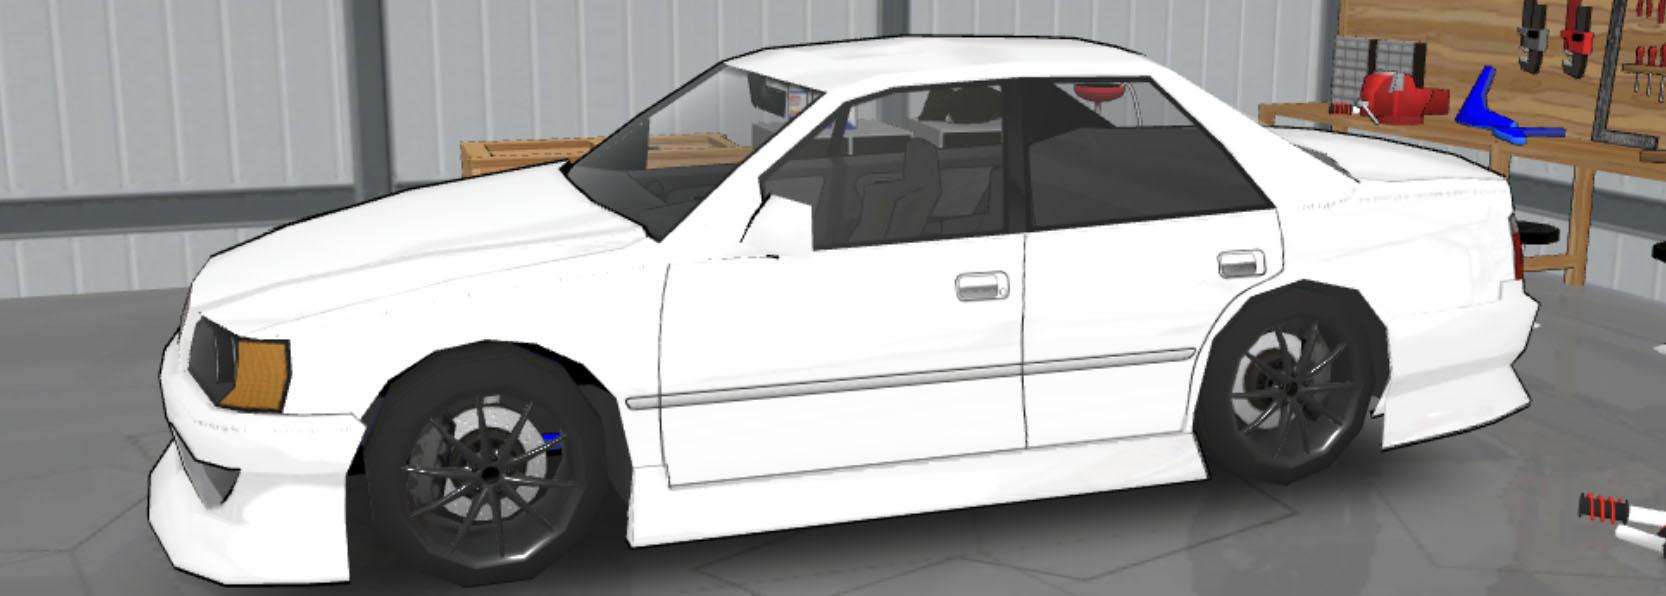 FR LEGENDS(エフアール レジェンズ)車種一覧 チェイサー ボディーキット BN1